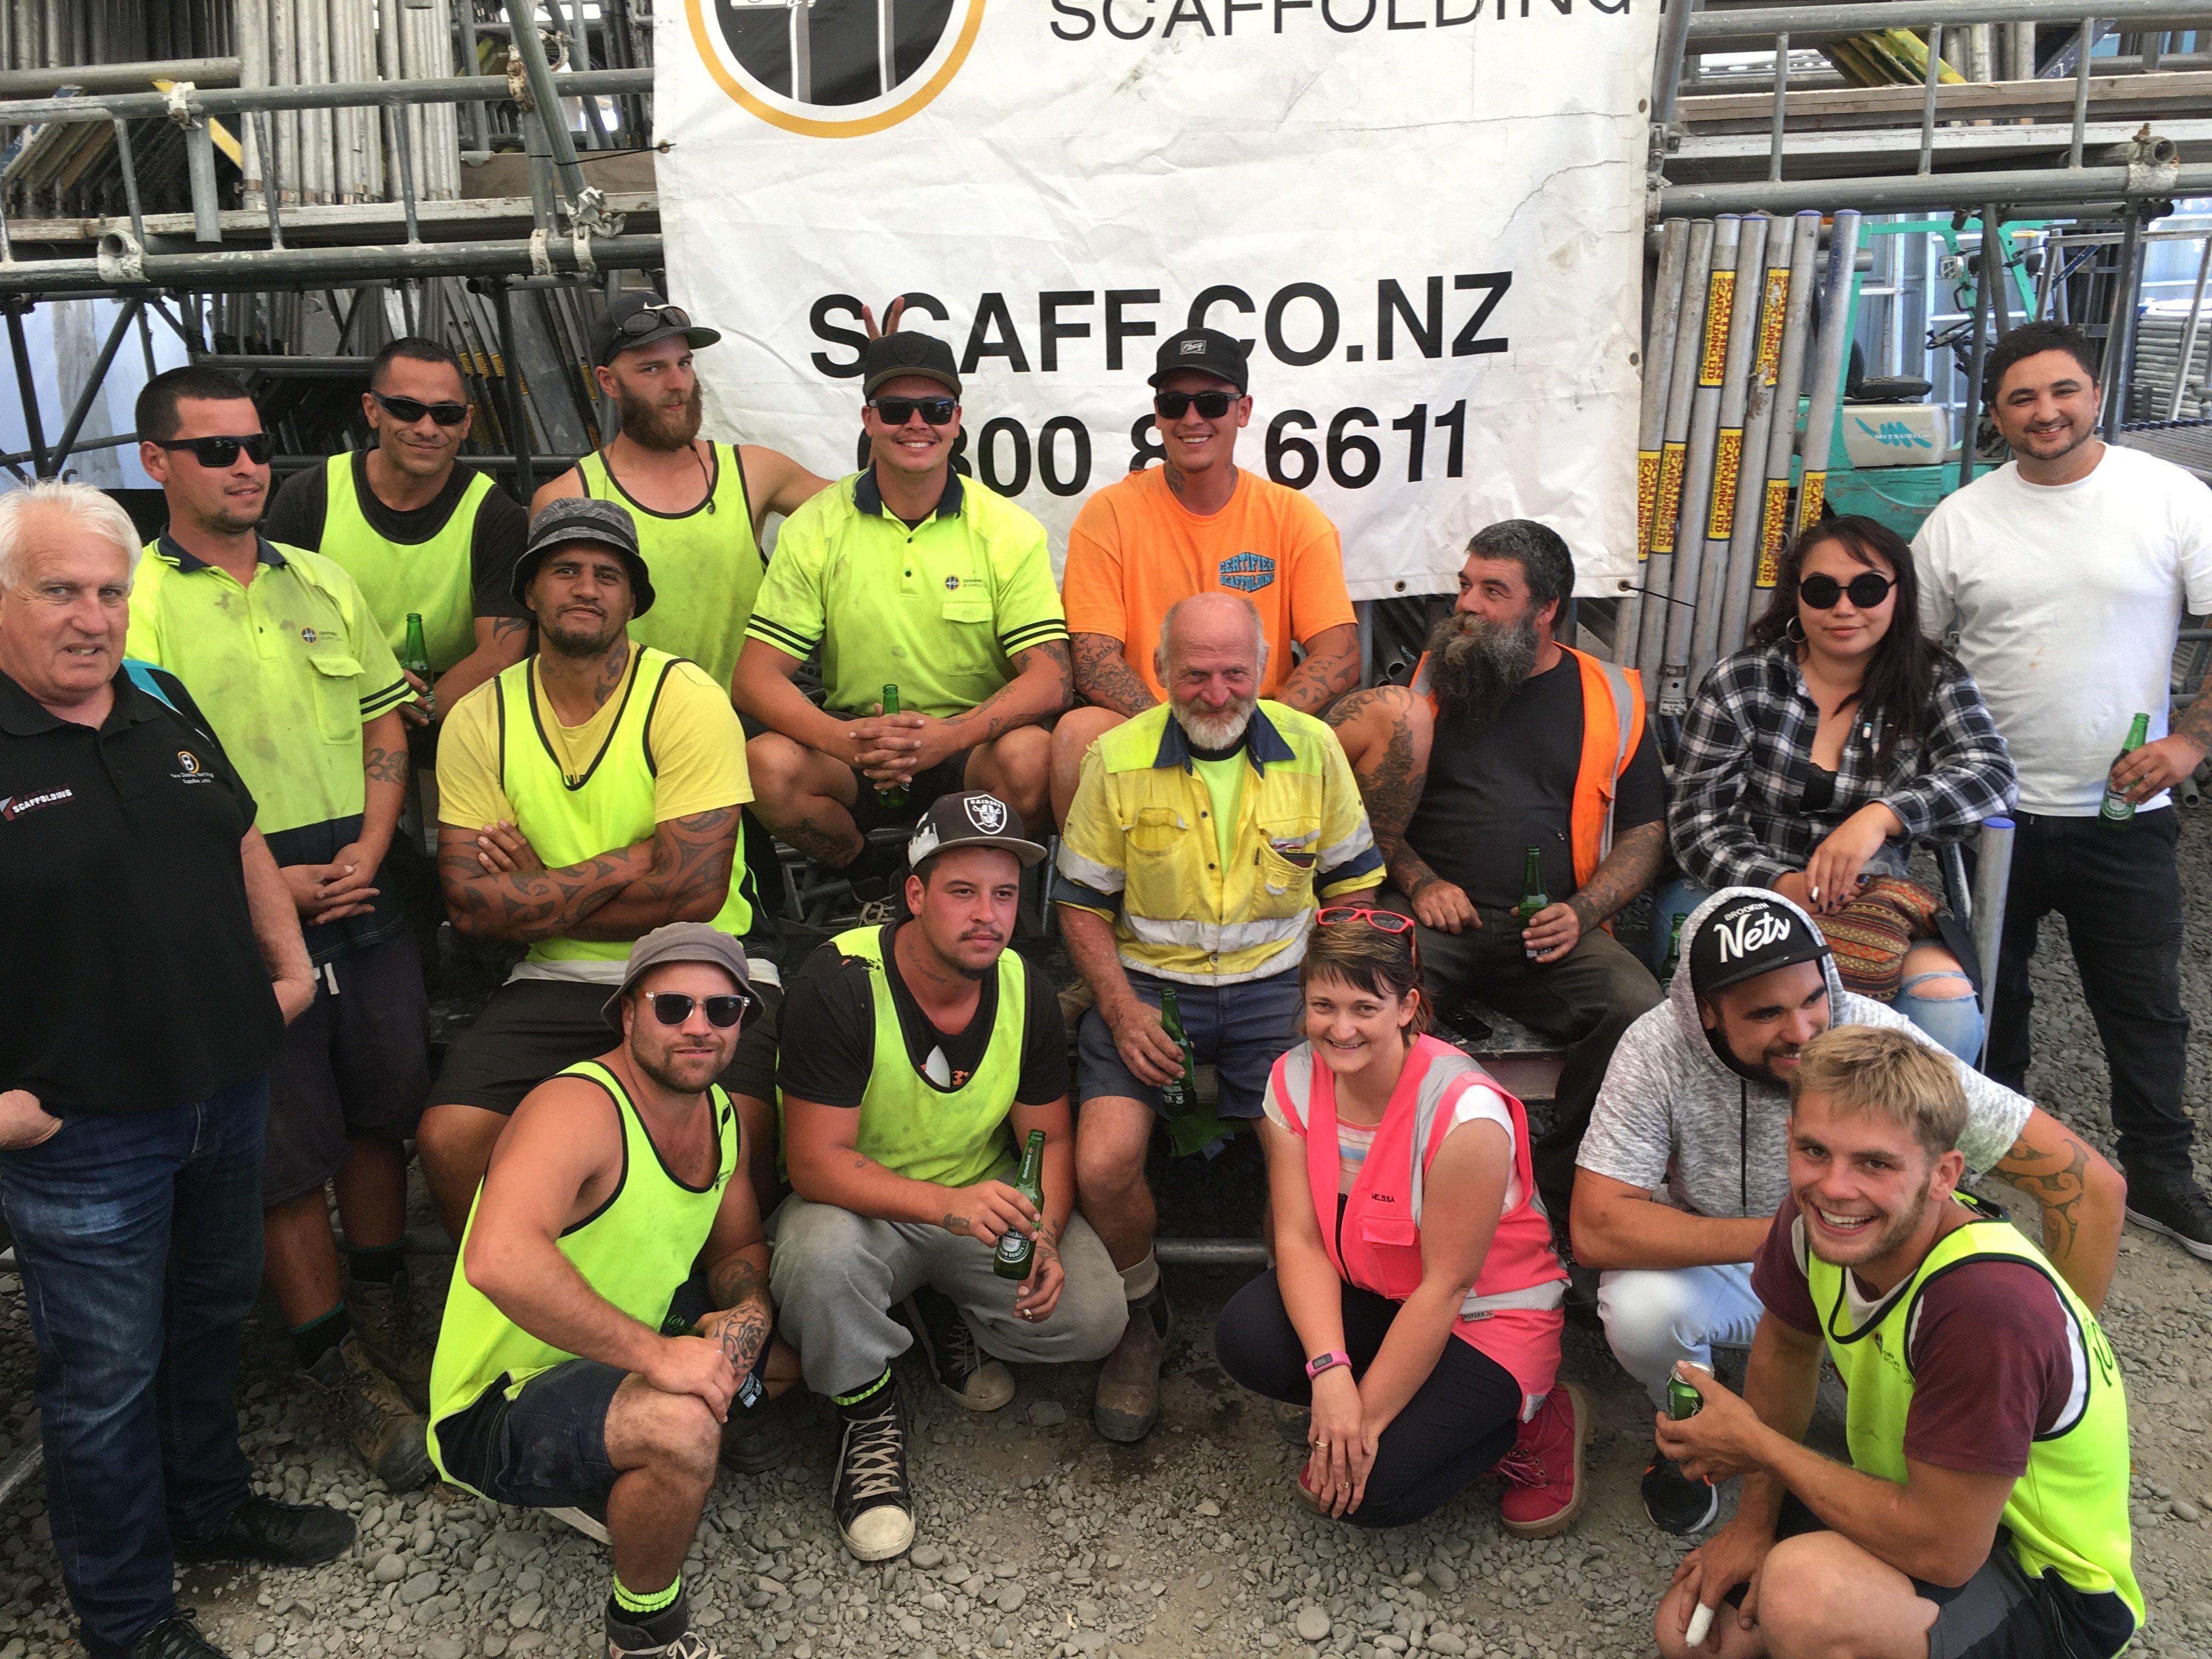 Certified Scaffolding Team